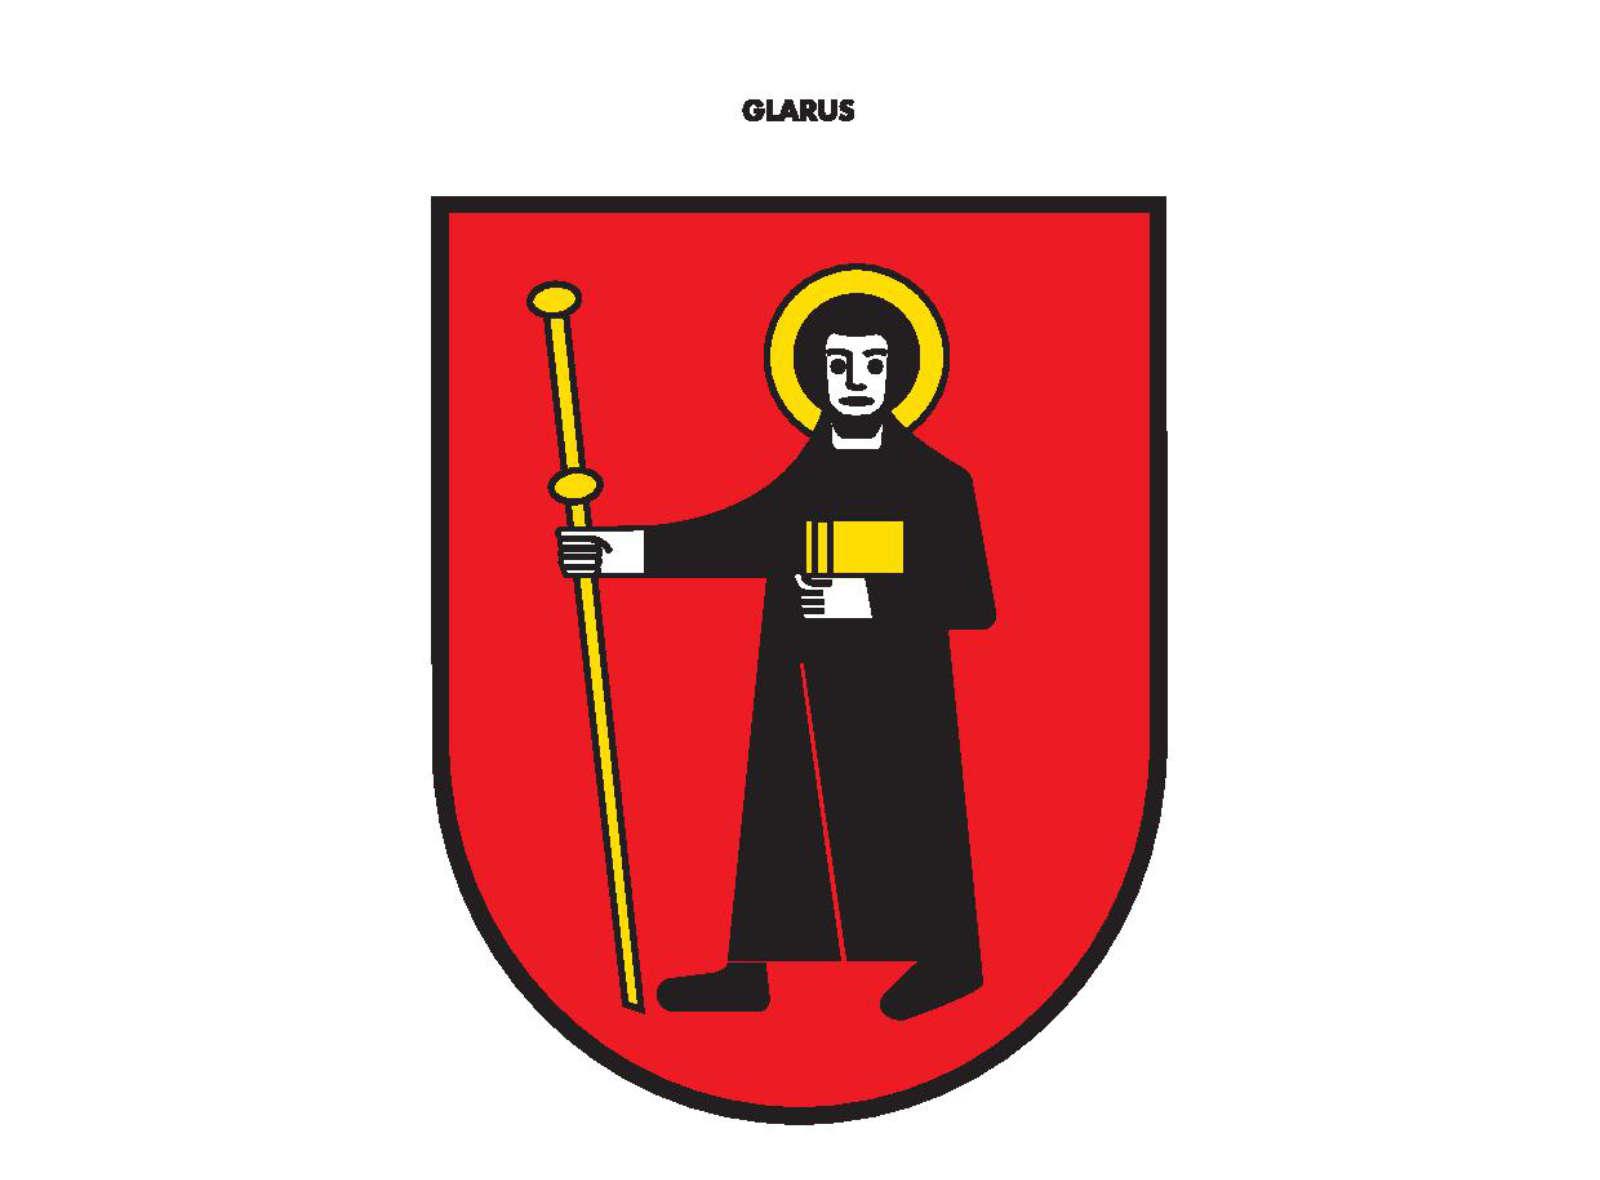 Schweizer Kantone – Glarus